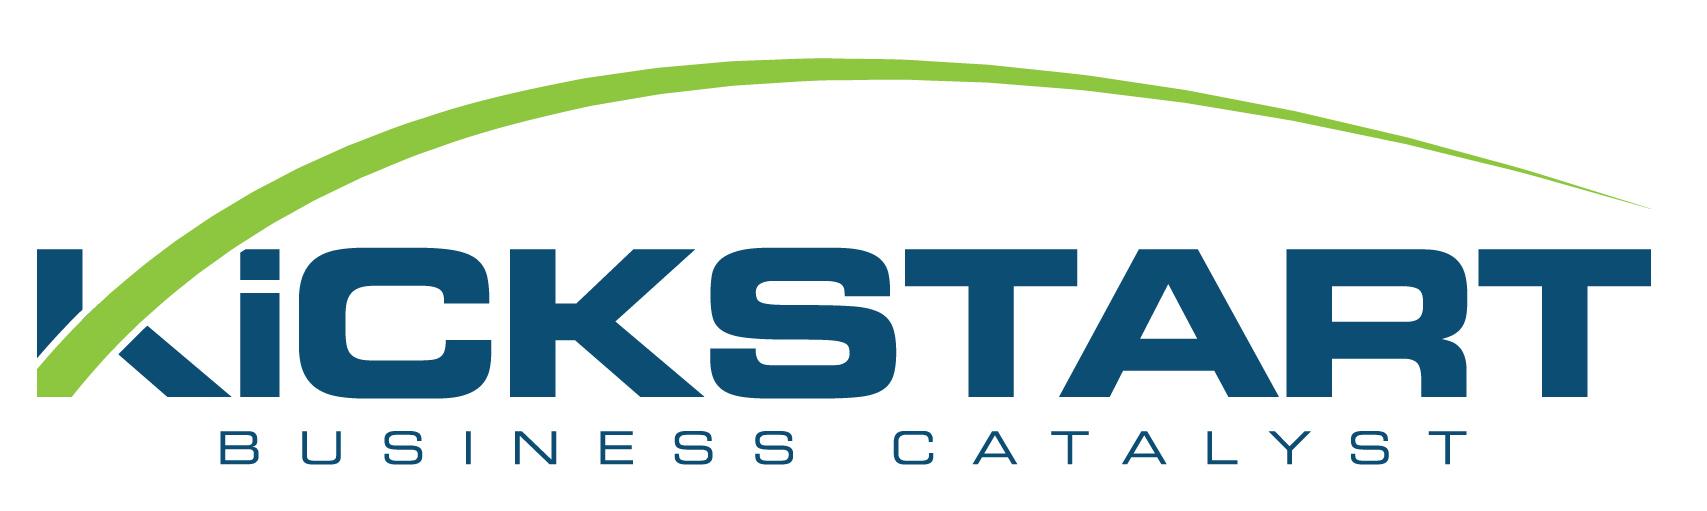 KiCKSTART Business Catalyst